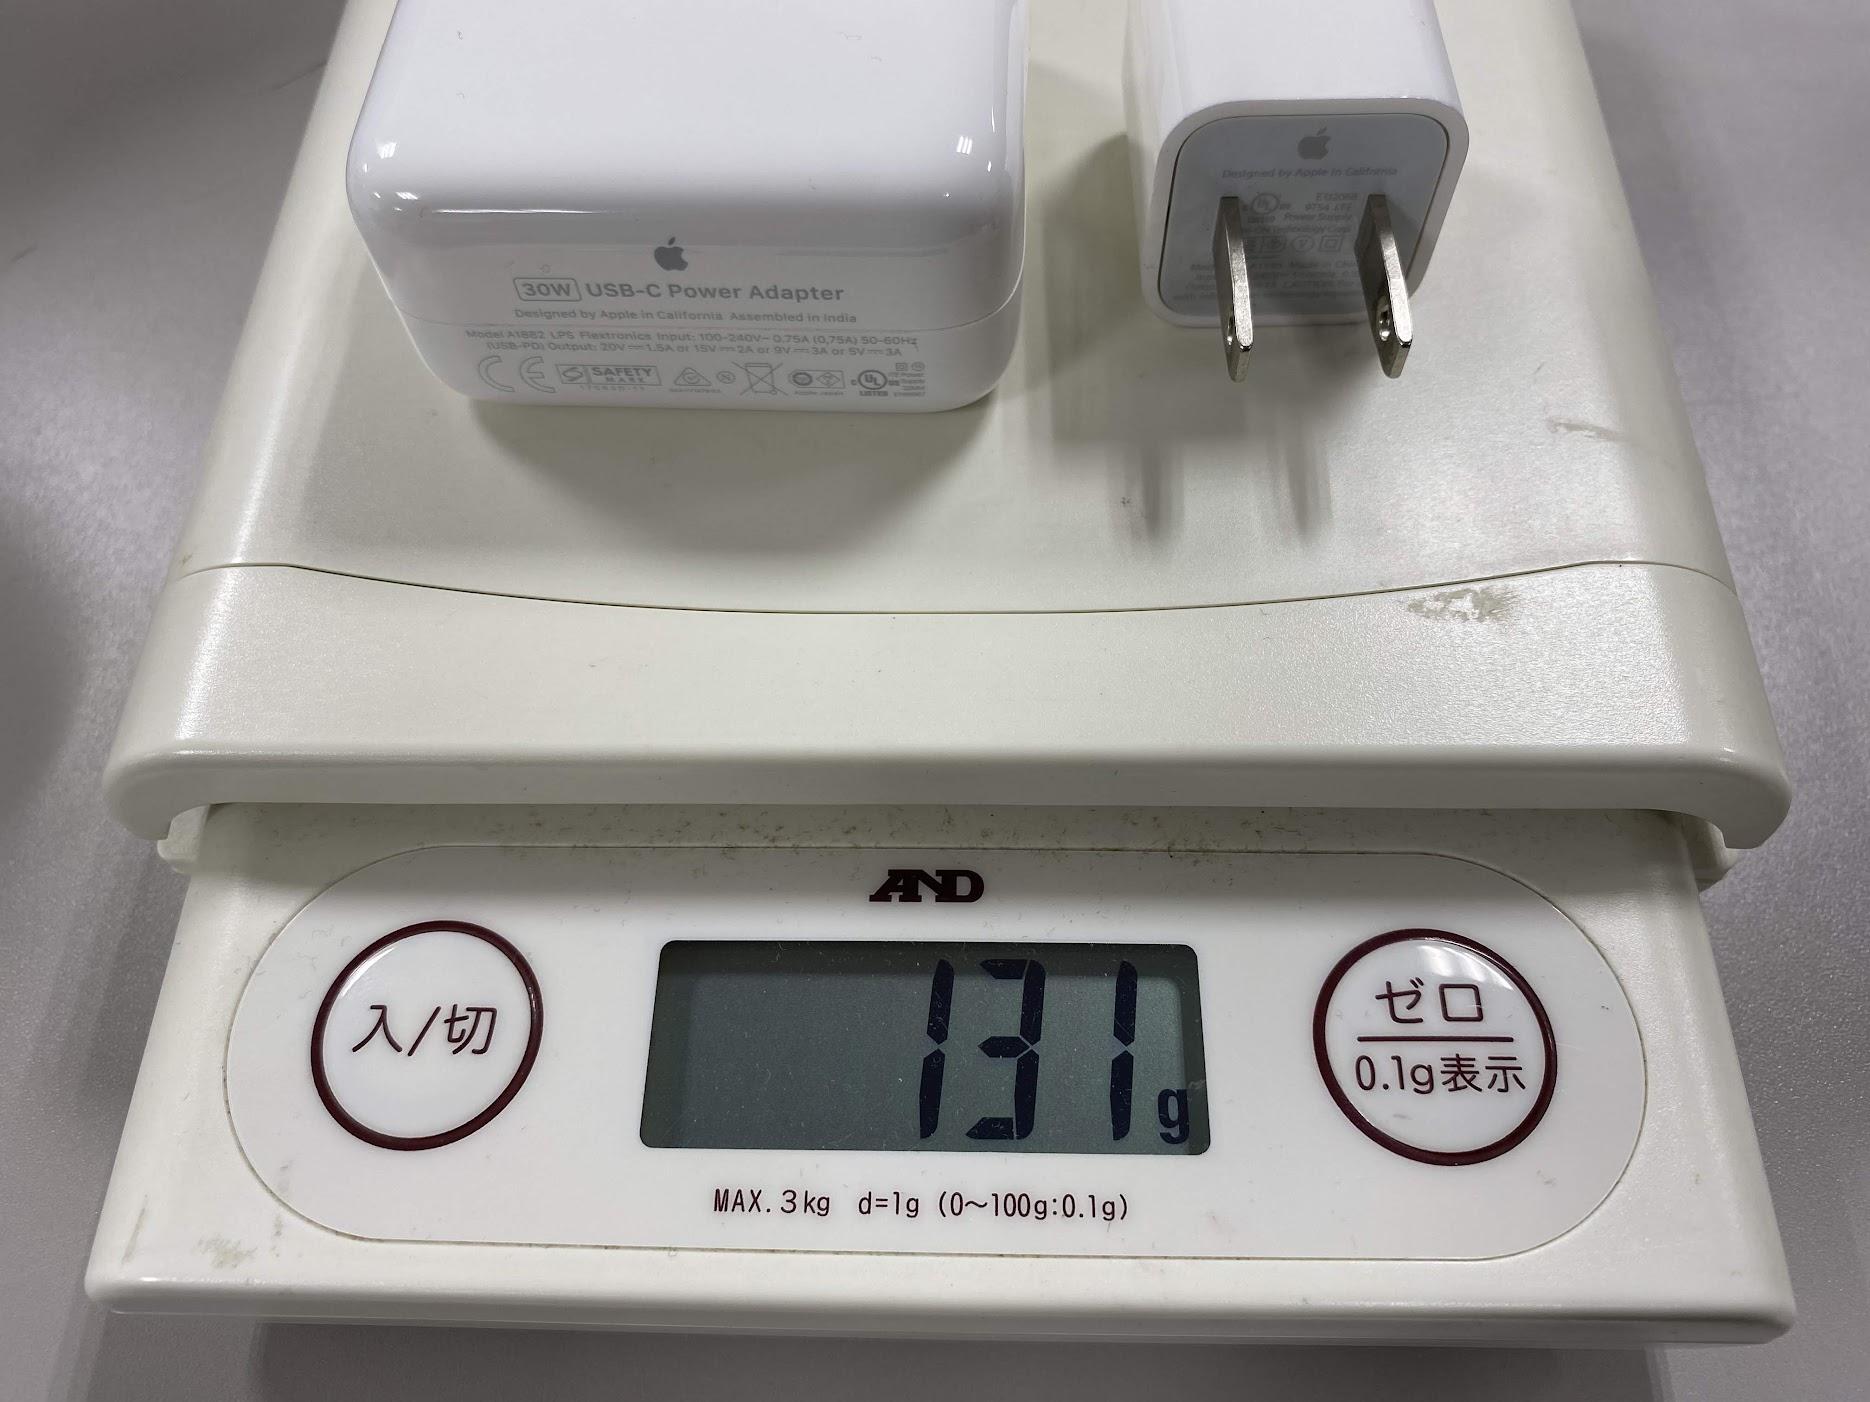 充電器2台の重さ